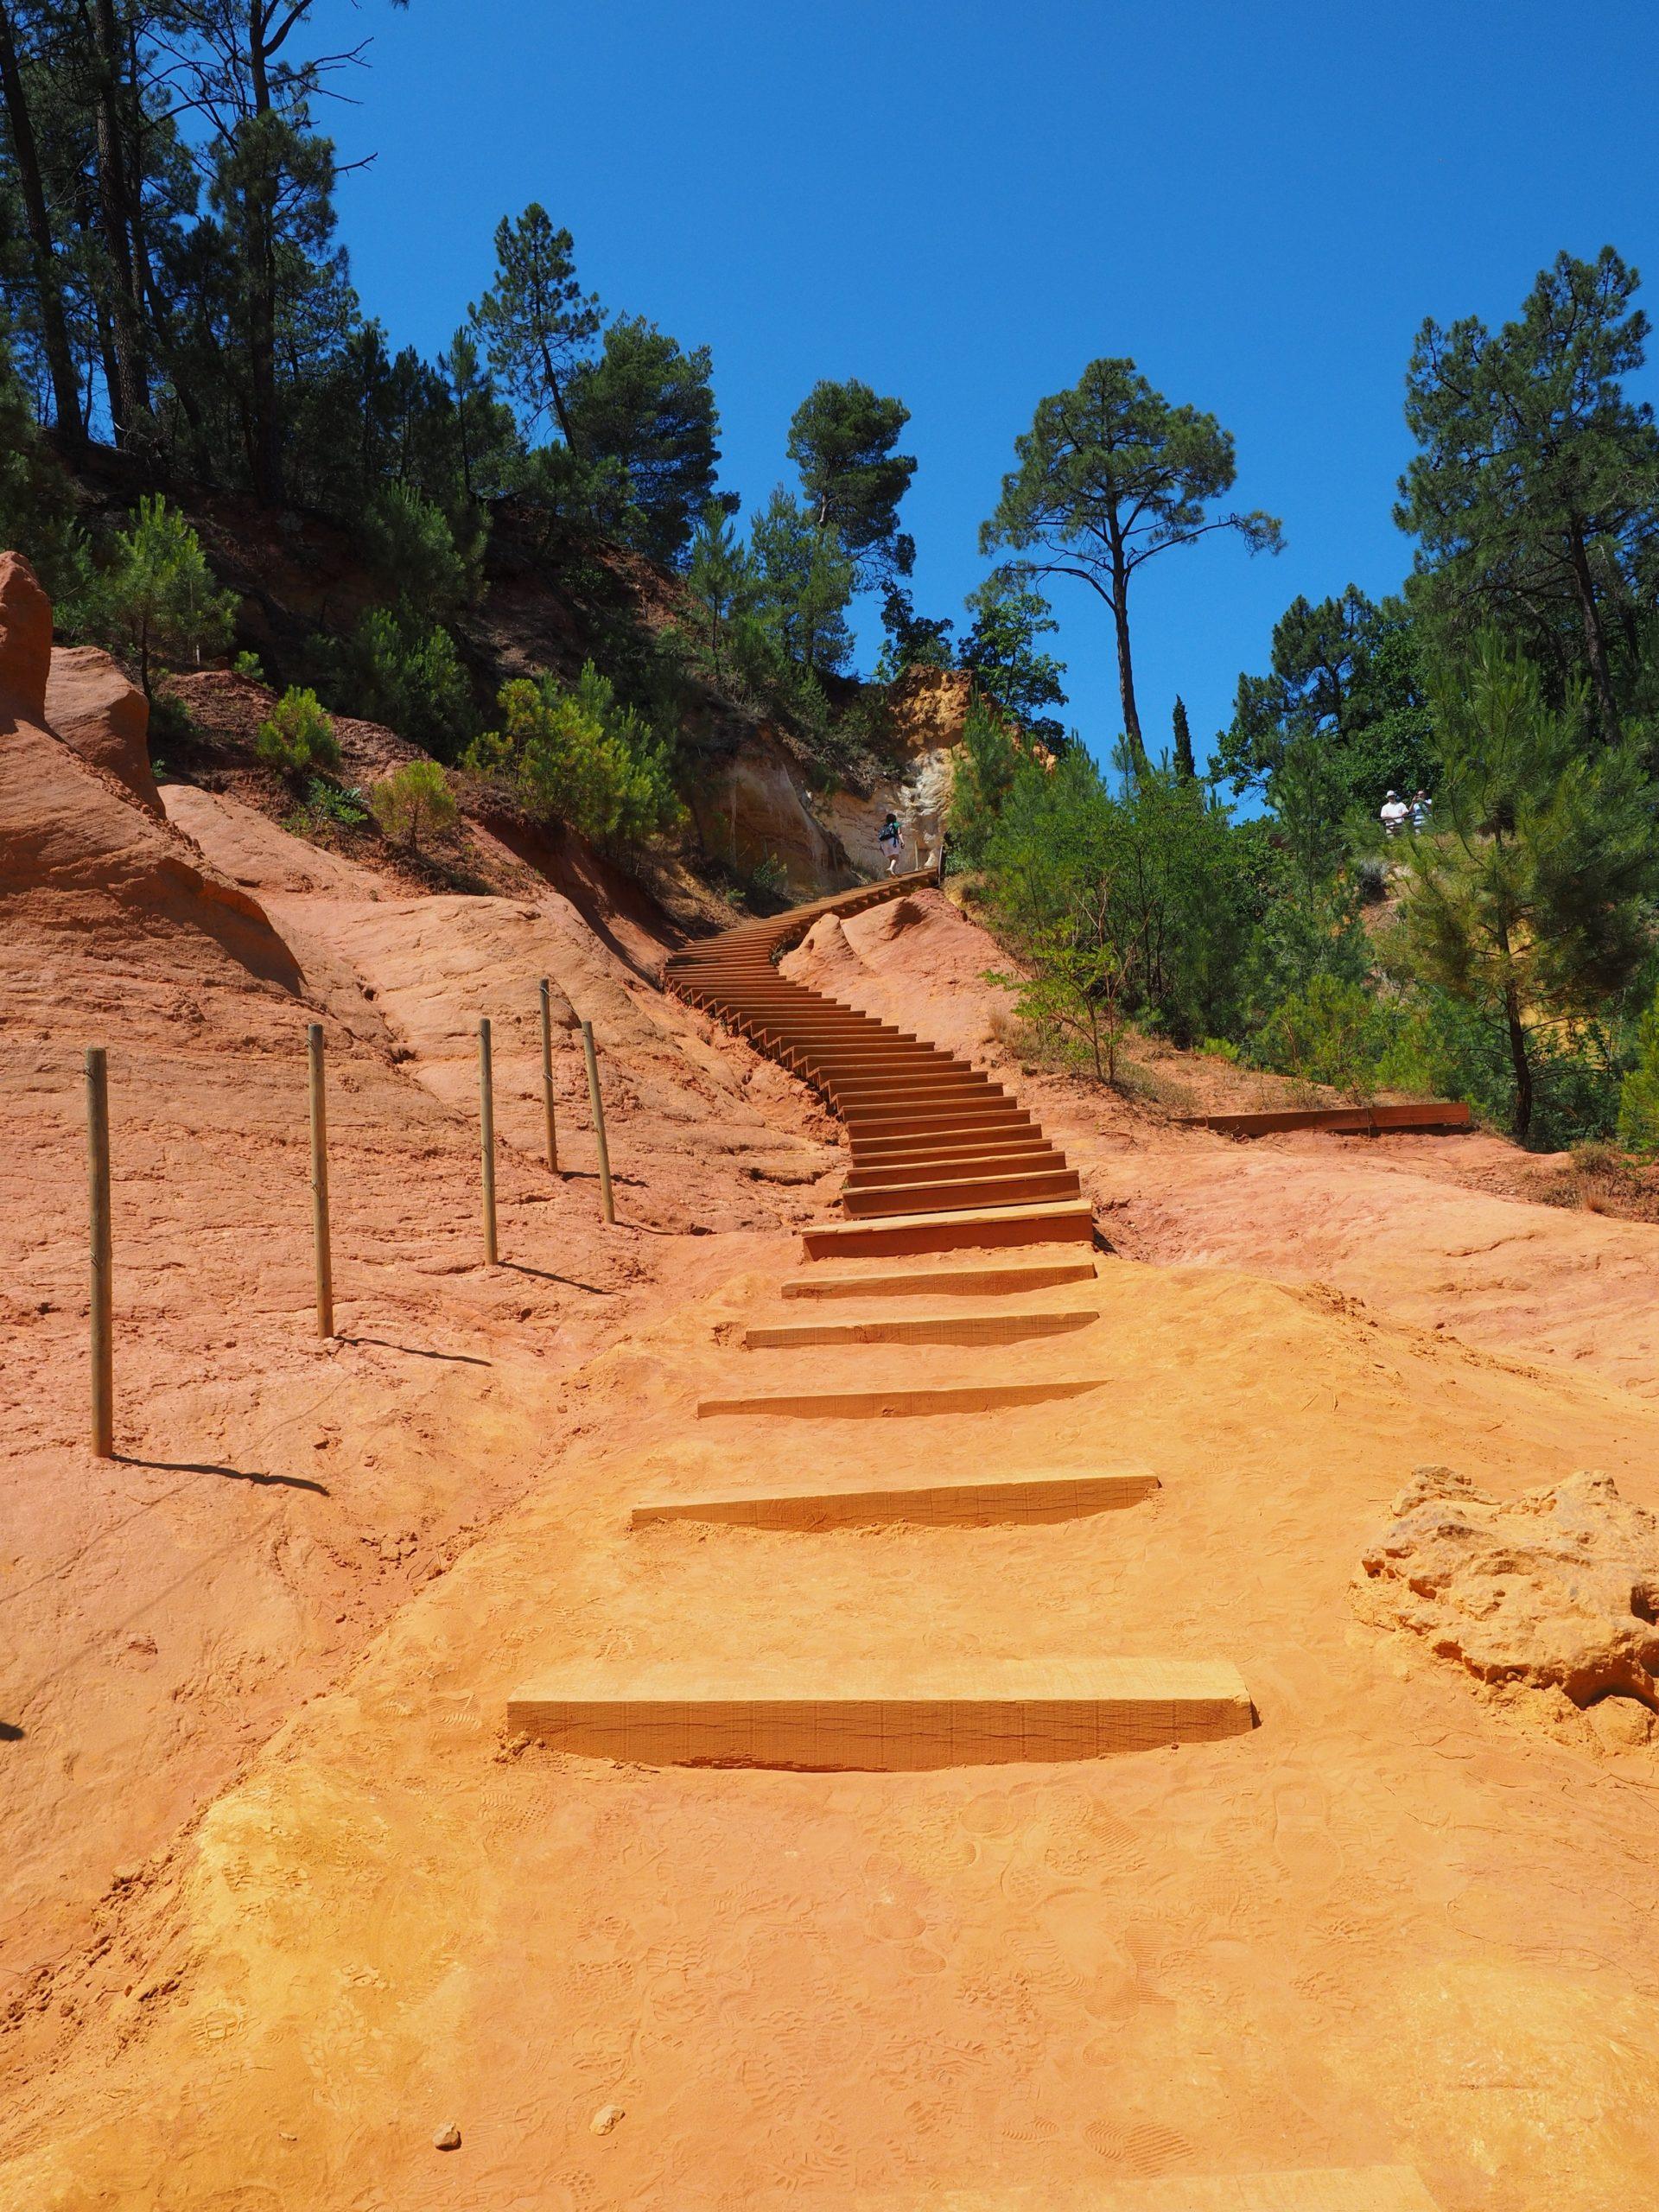 landscape-sand-rock-desert-walkway-france- Visit Provence